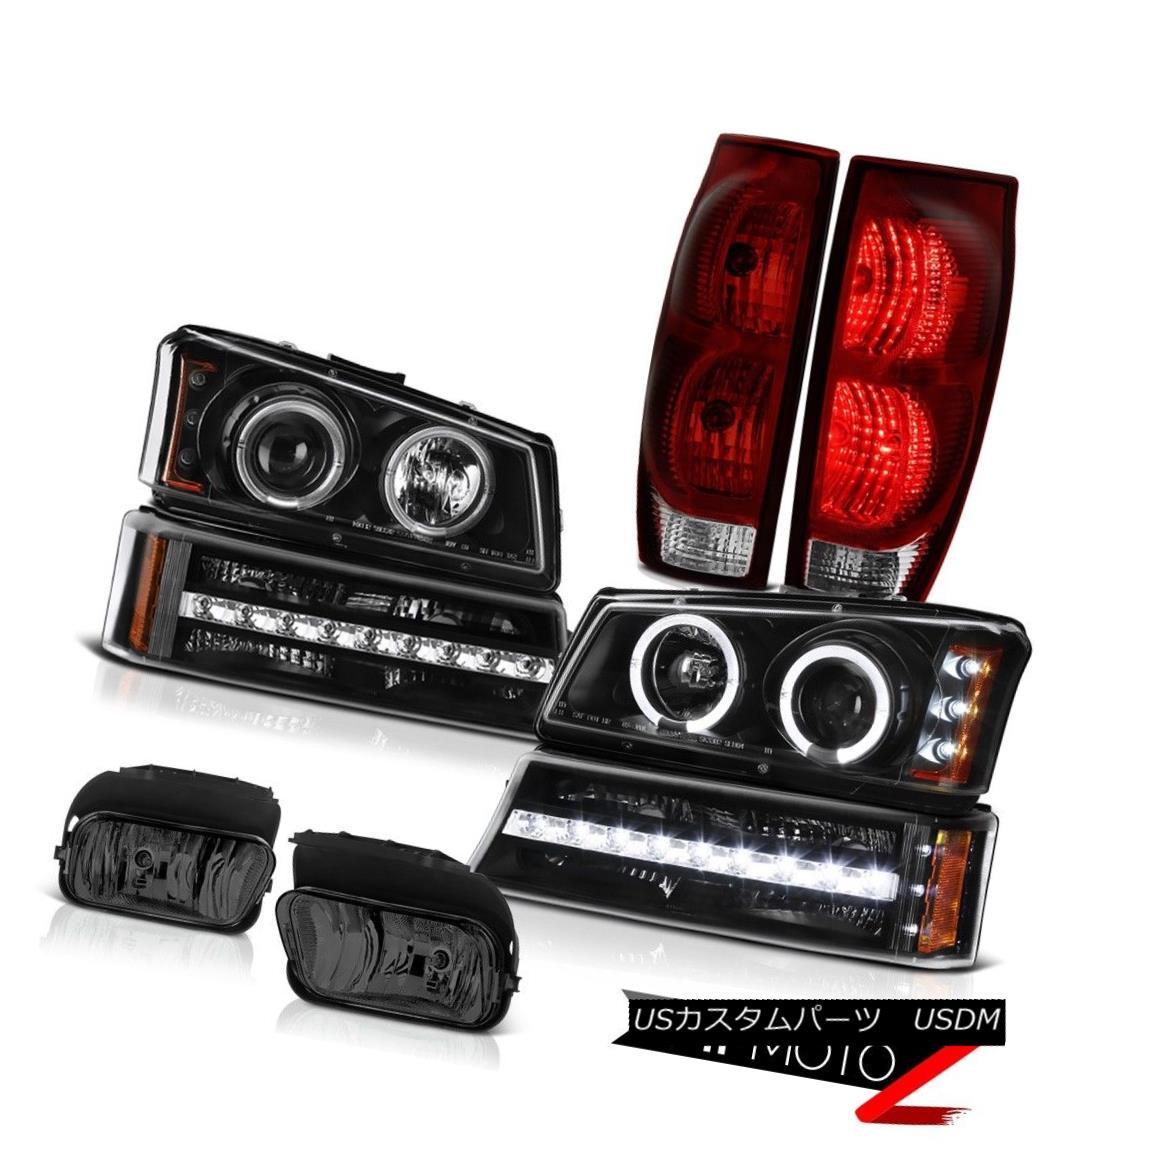 テールライト 03-06 Avalanche 1500 Smoked Foglamps Red Smoke Tail Lamps Bumper Lamp Headlamps 03-06雪崩1500スモークフォグランプ赤煙テールランプバンパーランプヘッドランプ